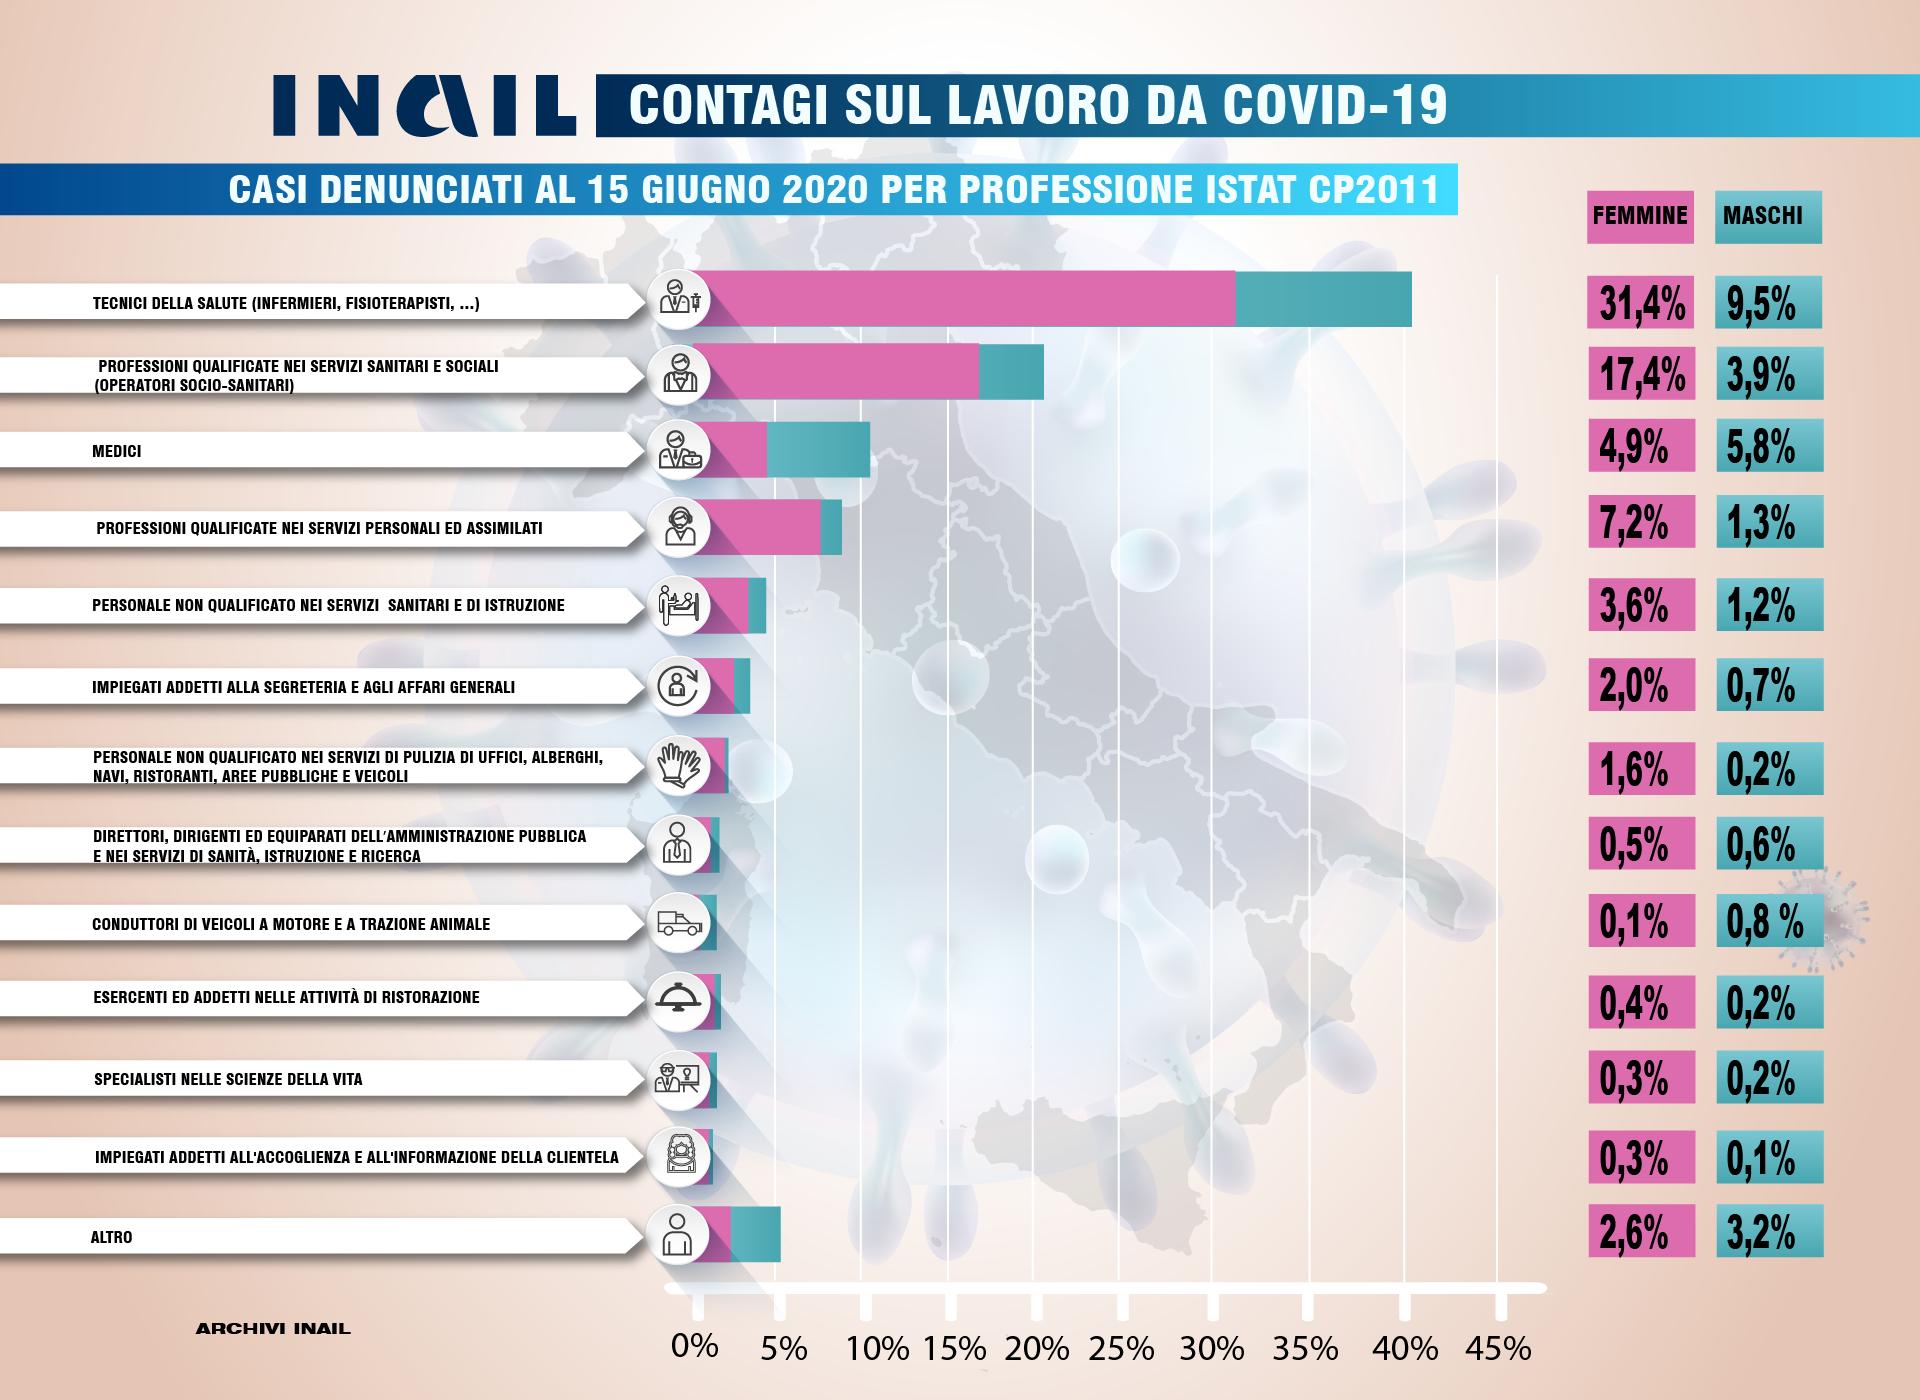 Contagi sul lavoro da Covid-19: ripartizione per professione Istat